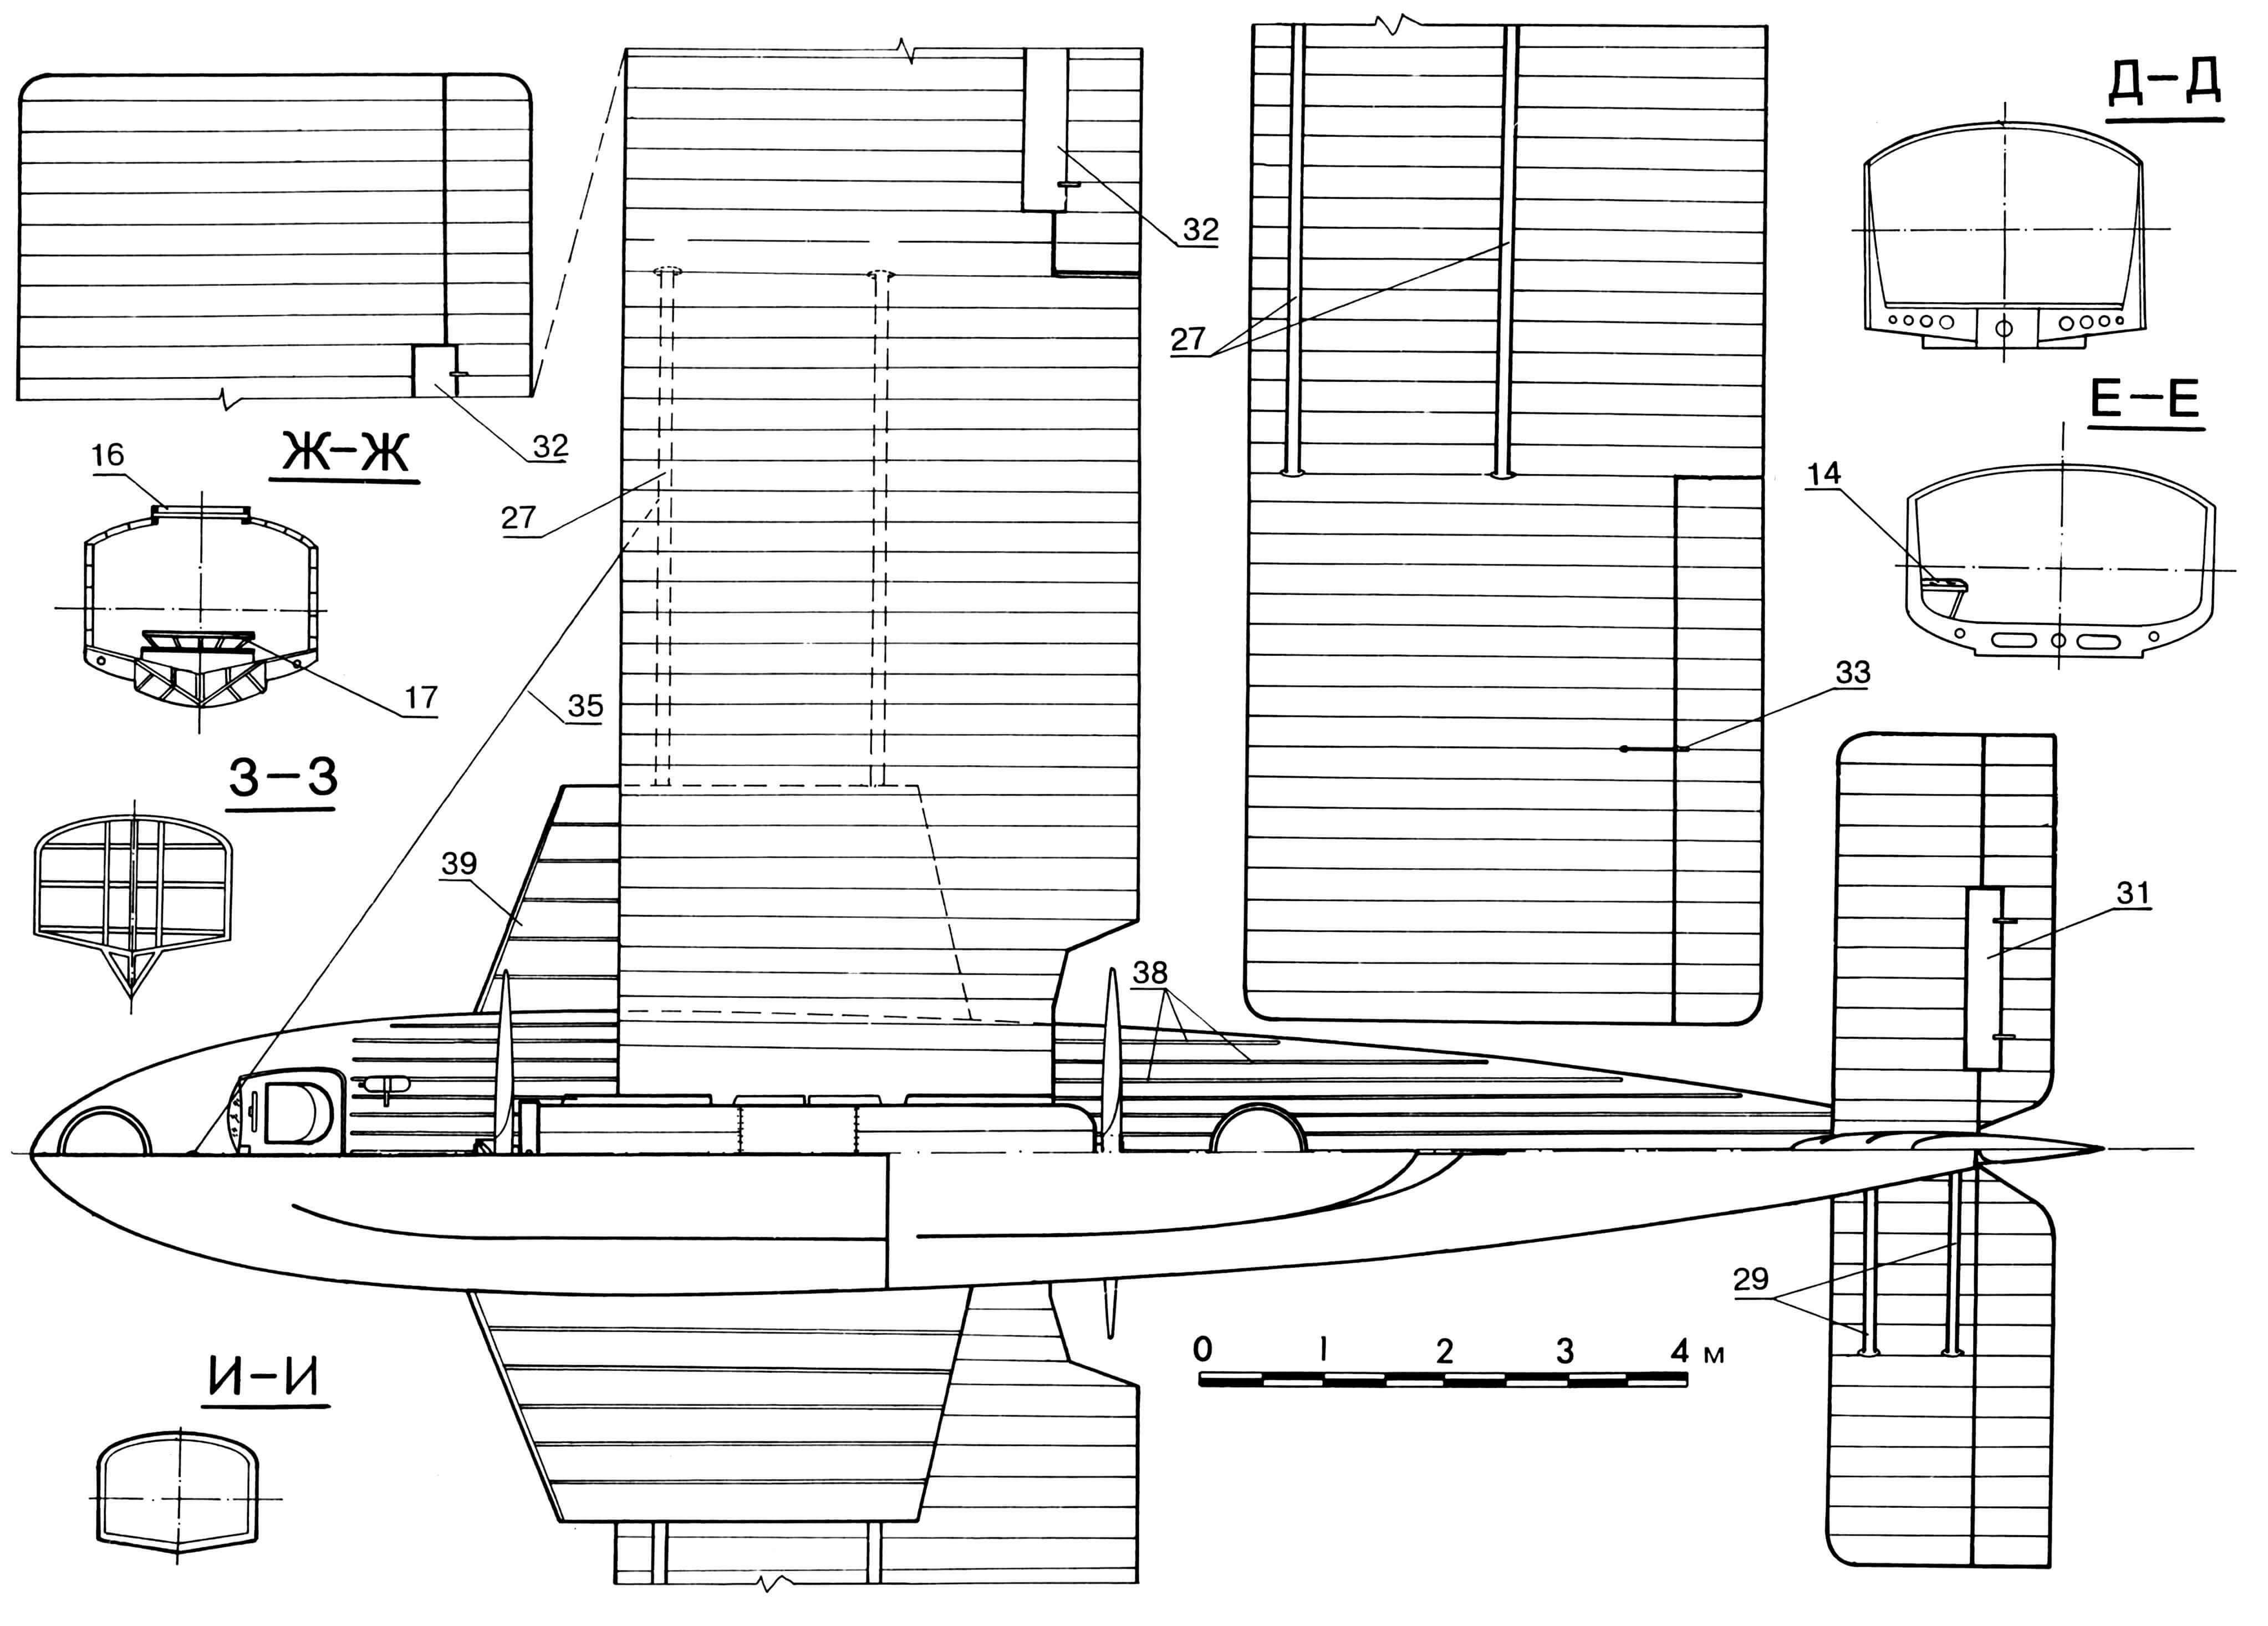 Летающая лодка «Кит»: 1 — место установки турели штурмана; 2 — сиденье штурмана; 3 — доска приборная; 4 — мачта антенны; 5 — штурвал управления рулем высоты и элеронами; 6 — сиденья пилотов; 7—динамо-машина; 8, 9 — винты деревянные постоянного шага, сдвоенные; 10 — горловина фюзеляжных баков, заливная; 11 —двигатели «Игл» IX фирмы «Роллс-Ройс»; 12 — маслобаки; 13 — баки топливные, расходные; 14 — сиденье кормового стрелка; 15 — аптечка; 16 — место установки кормовой турели; 17 — подставка для стрелка; 18 — тяга управления гидрорулем; 19 — тяга управления рулем поворота; 20 — гидроруль; 21 — бензопомпа ручная; 22 — баки топливные фюзеляжные; 23 — место бортмеханика; 24 — тяга управления рулем высоты; 25 — педали управления рулем поворота; 26 — пол кабины штурмана и пилотов; 27 — подкосы крыла; 28 — подкосы крыла и двигателя; 29 — подкосы стабилизатора; 30 — радиатор двигателя; 31 — компенсатор руля высоты, аэродинамический; 32 — компенсатор элерона, аэродинамический; 33 — качалка элерона; 34 — маслорадиаторы; 35 — антенна радиостанции; 36 — трап-скобы; 37 — дверь технического отсека; 38 — накладки фюзеляжа, усиливающие; 39 — поплавки («жабры», служили топливными баками).